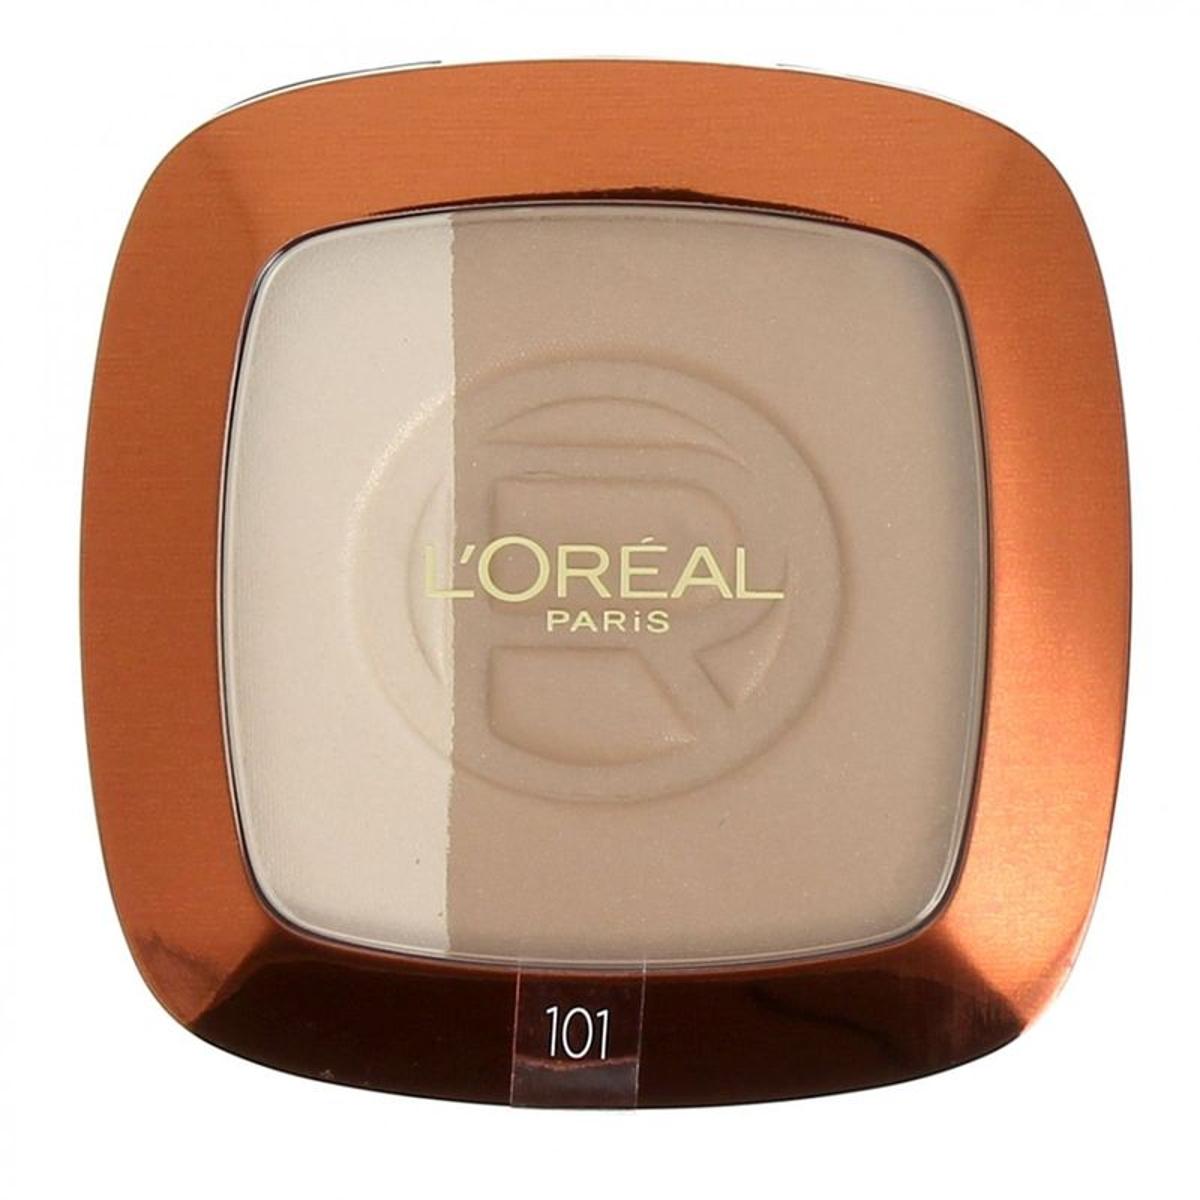 Glam Bronze Poudre Duo Soleil L'Oréal Paris